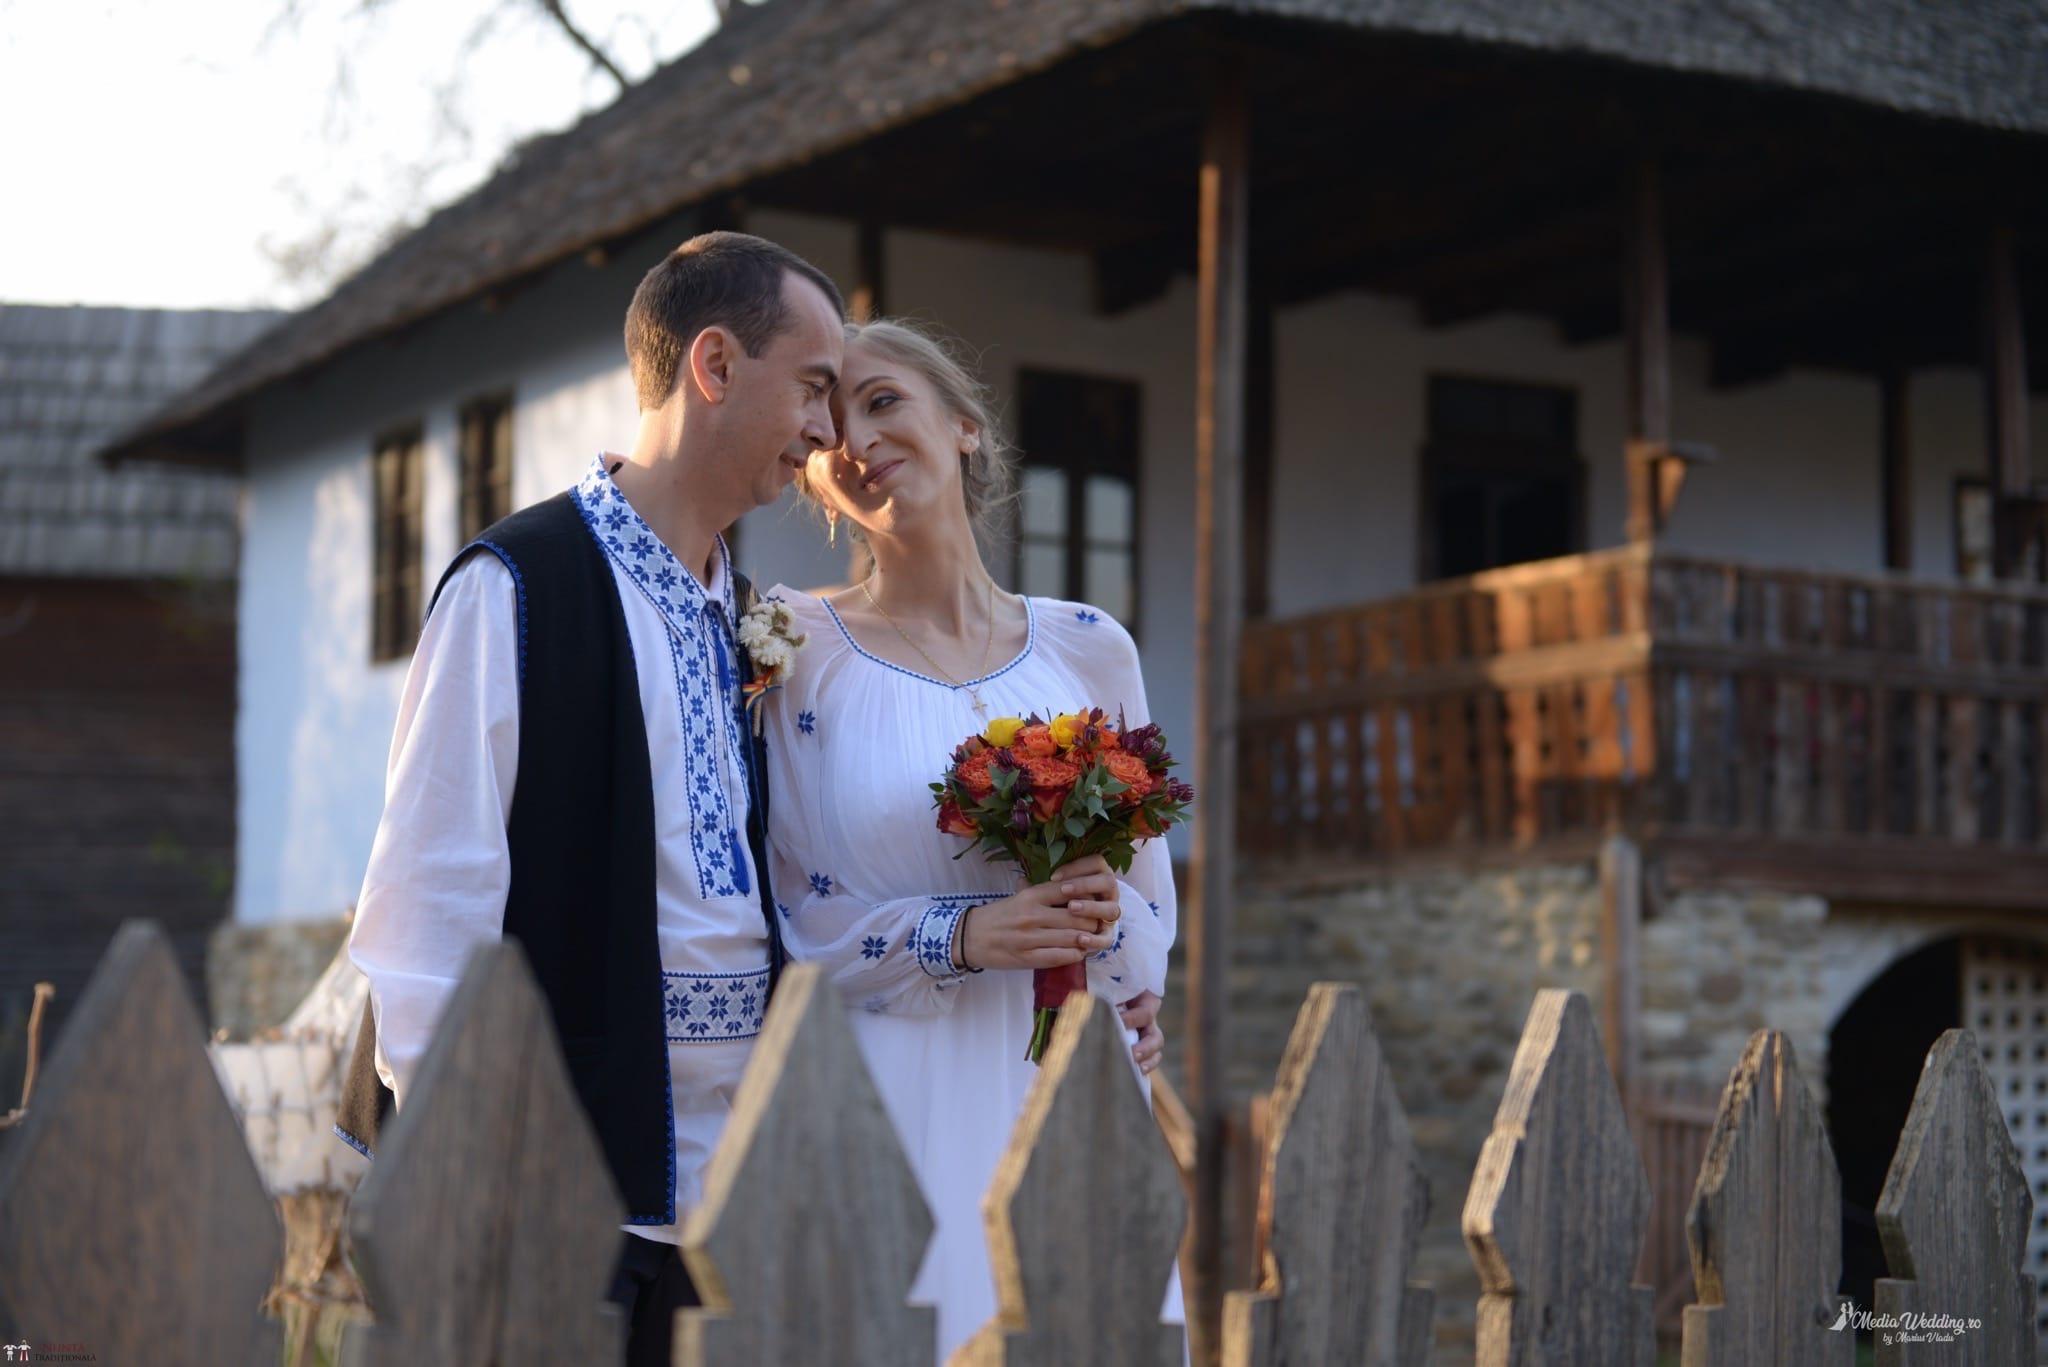 Povești Nunți Tradiționale - Alina-Maria și Ilie, nuntă tradițională în București 19